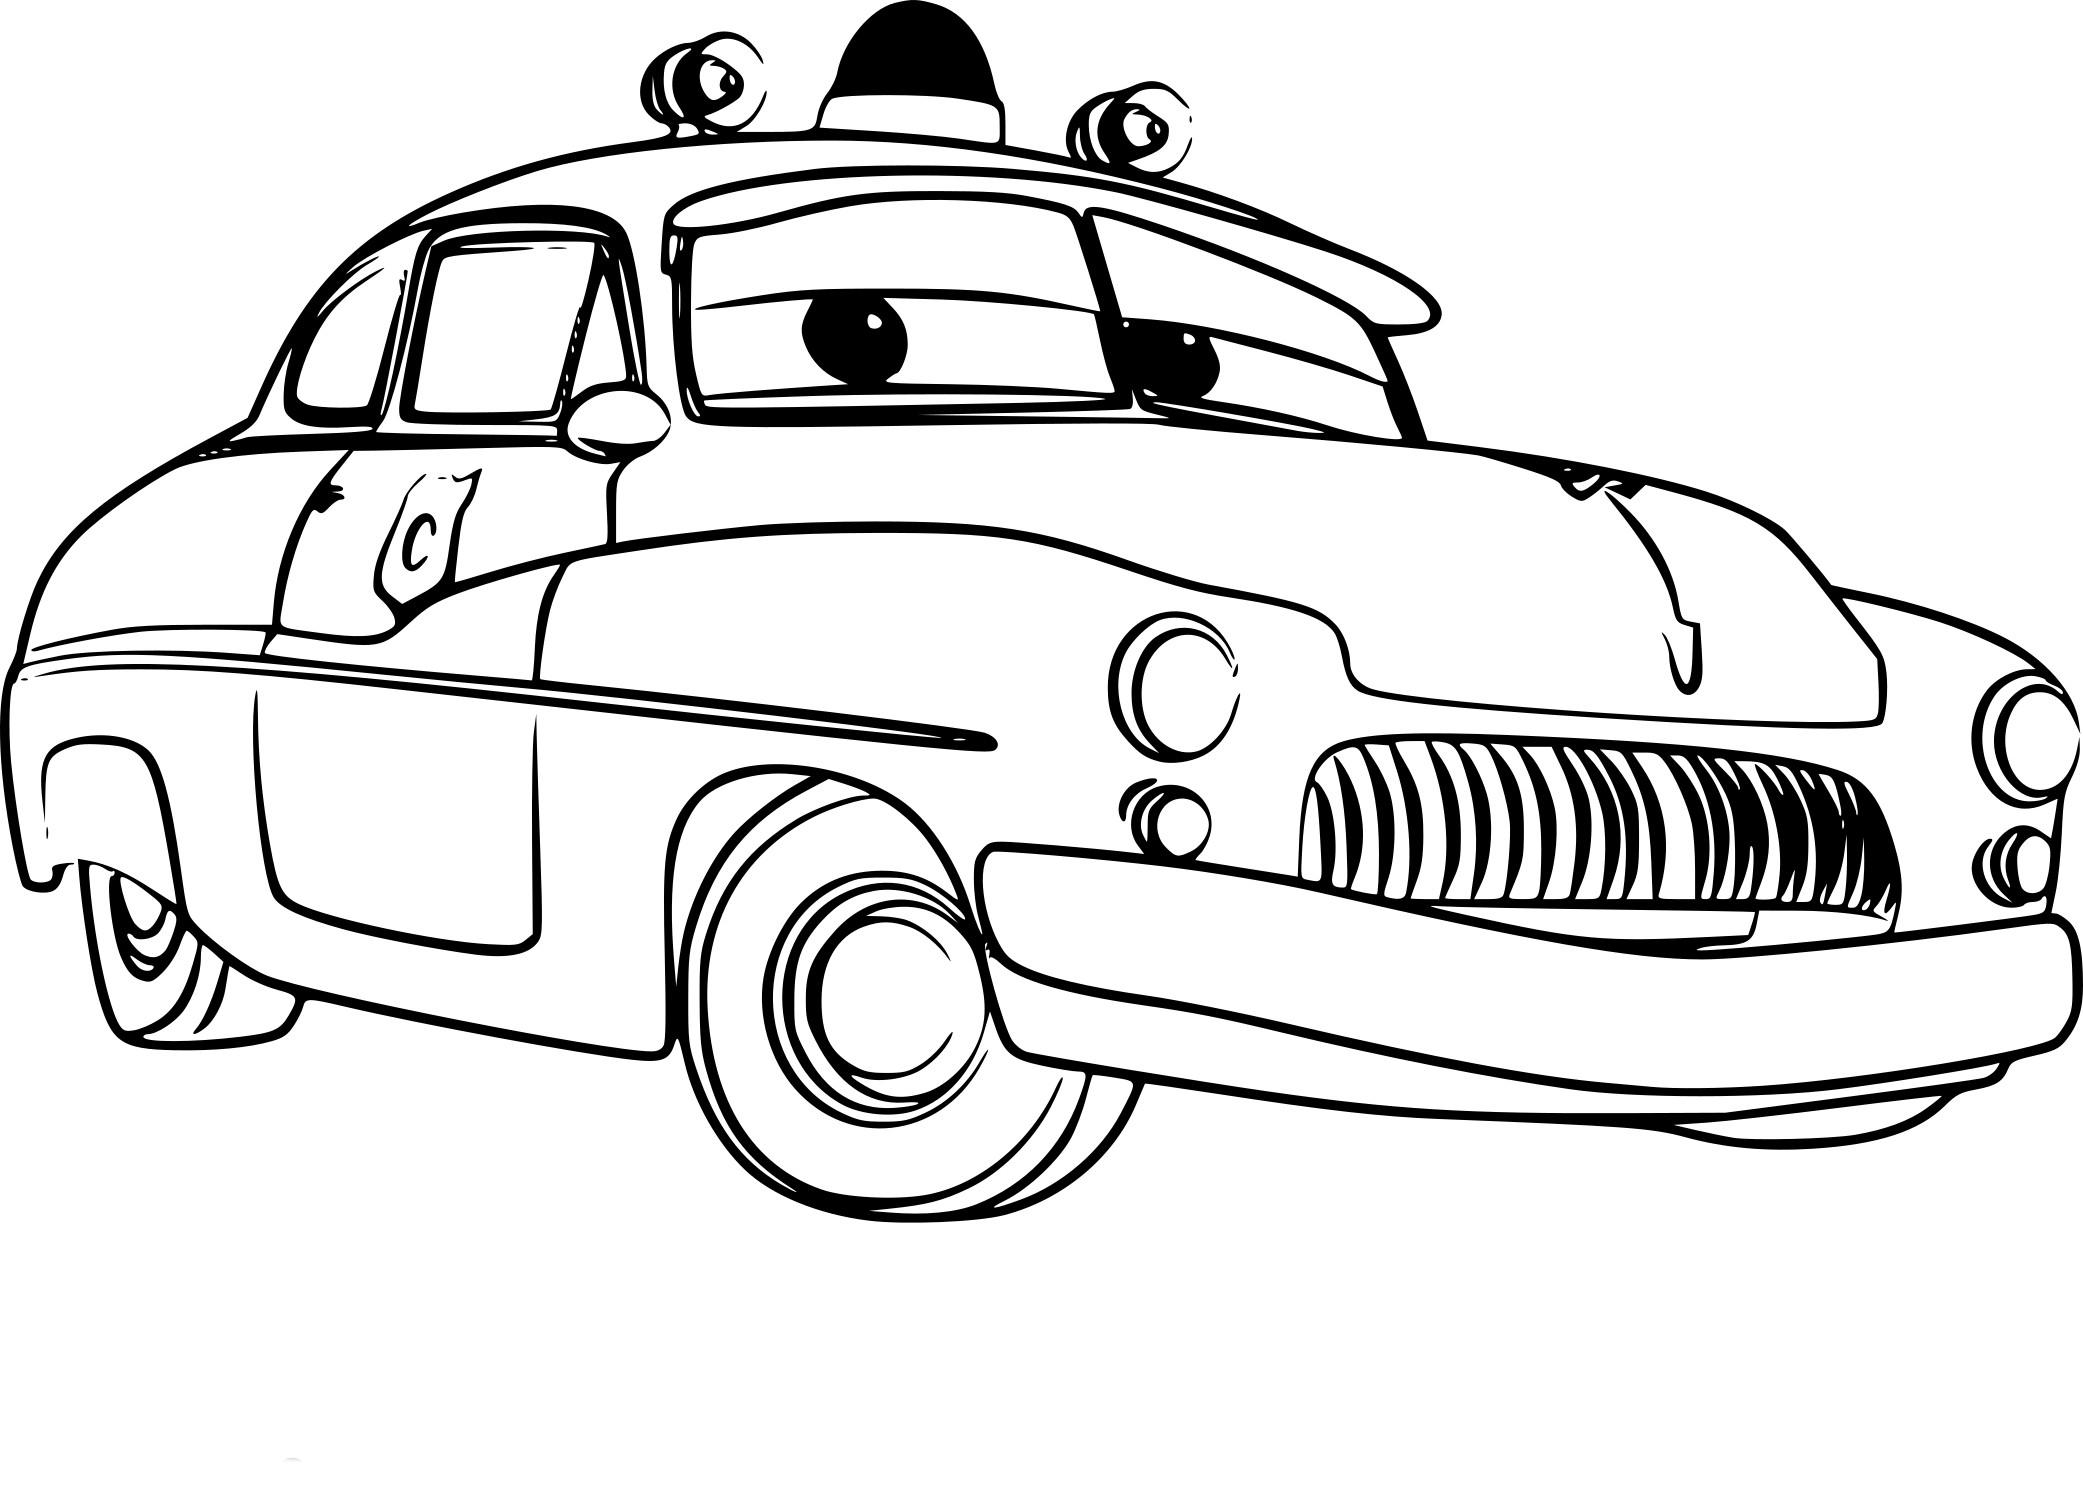 Coloriage Shériff Cars 3 À Imprimer concernant Dessin À Colorier Cars